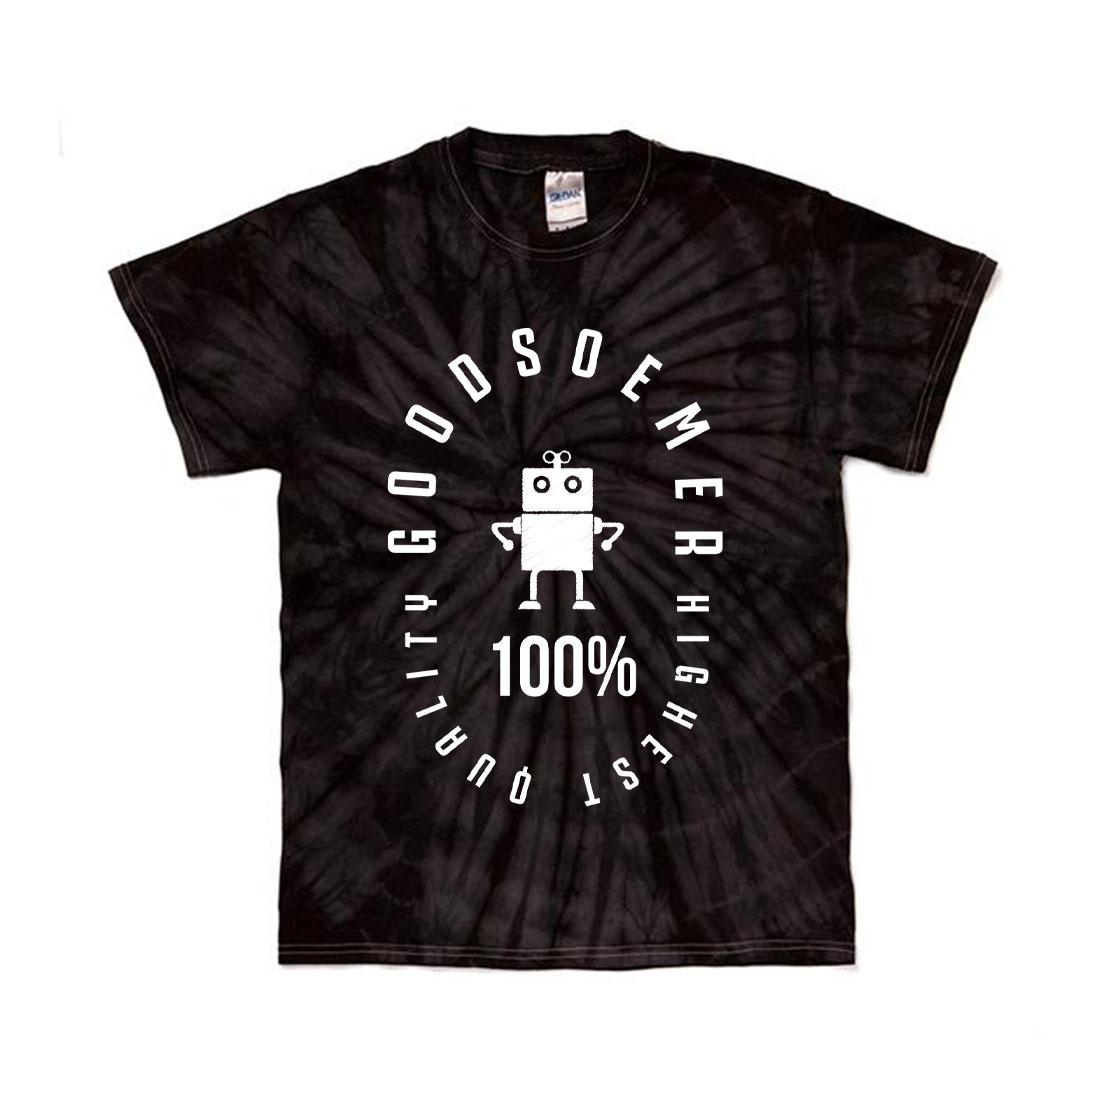 タイダイTシャツ スパイダー染め ブラック